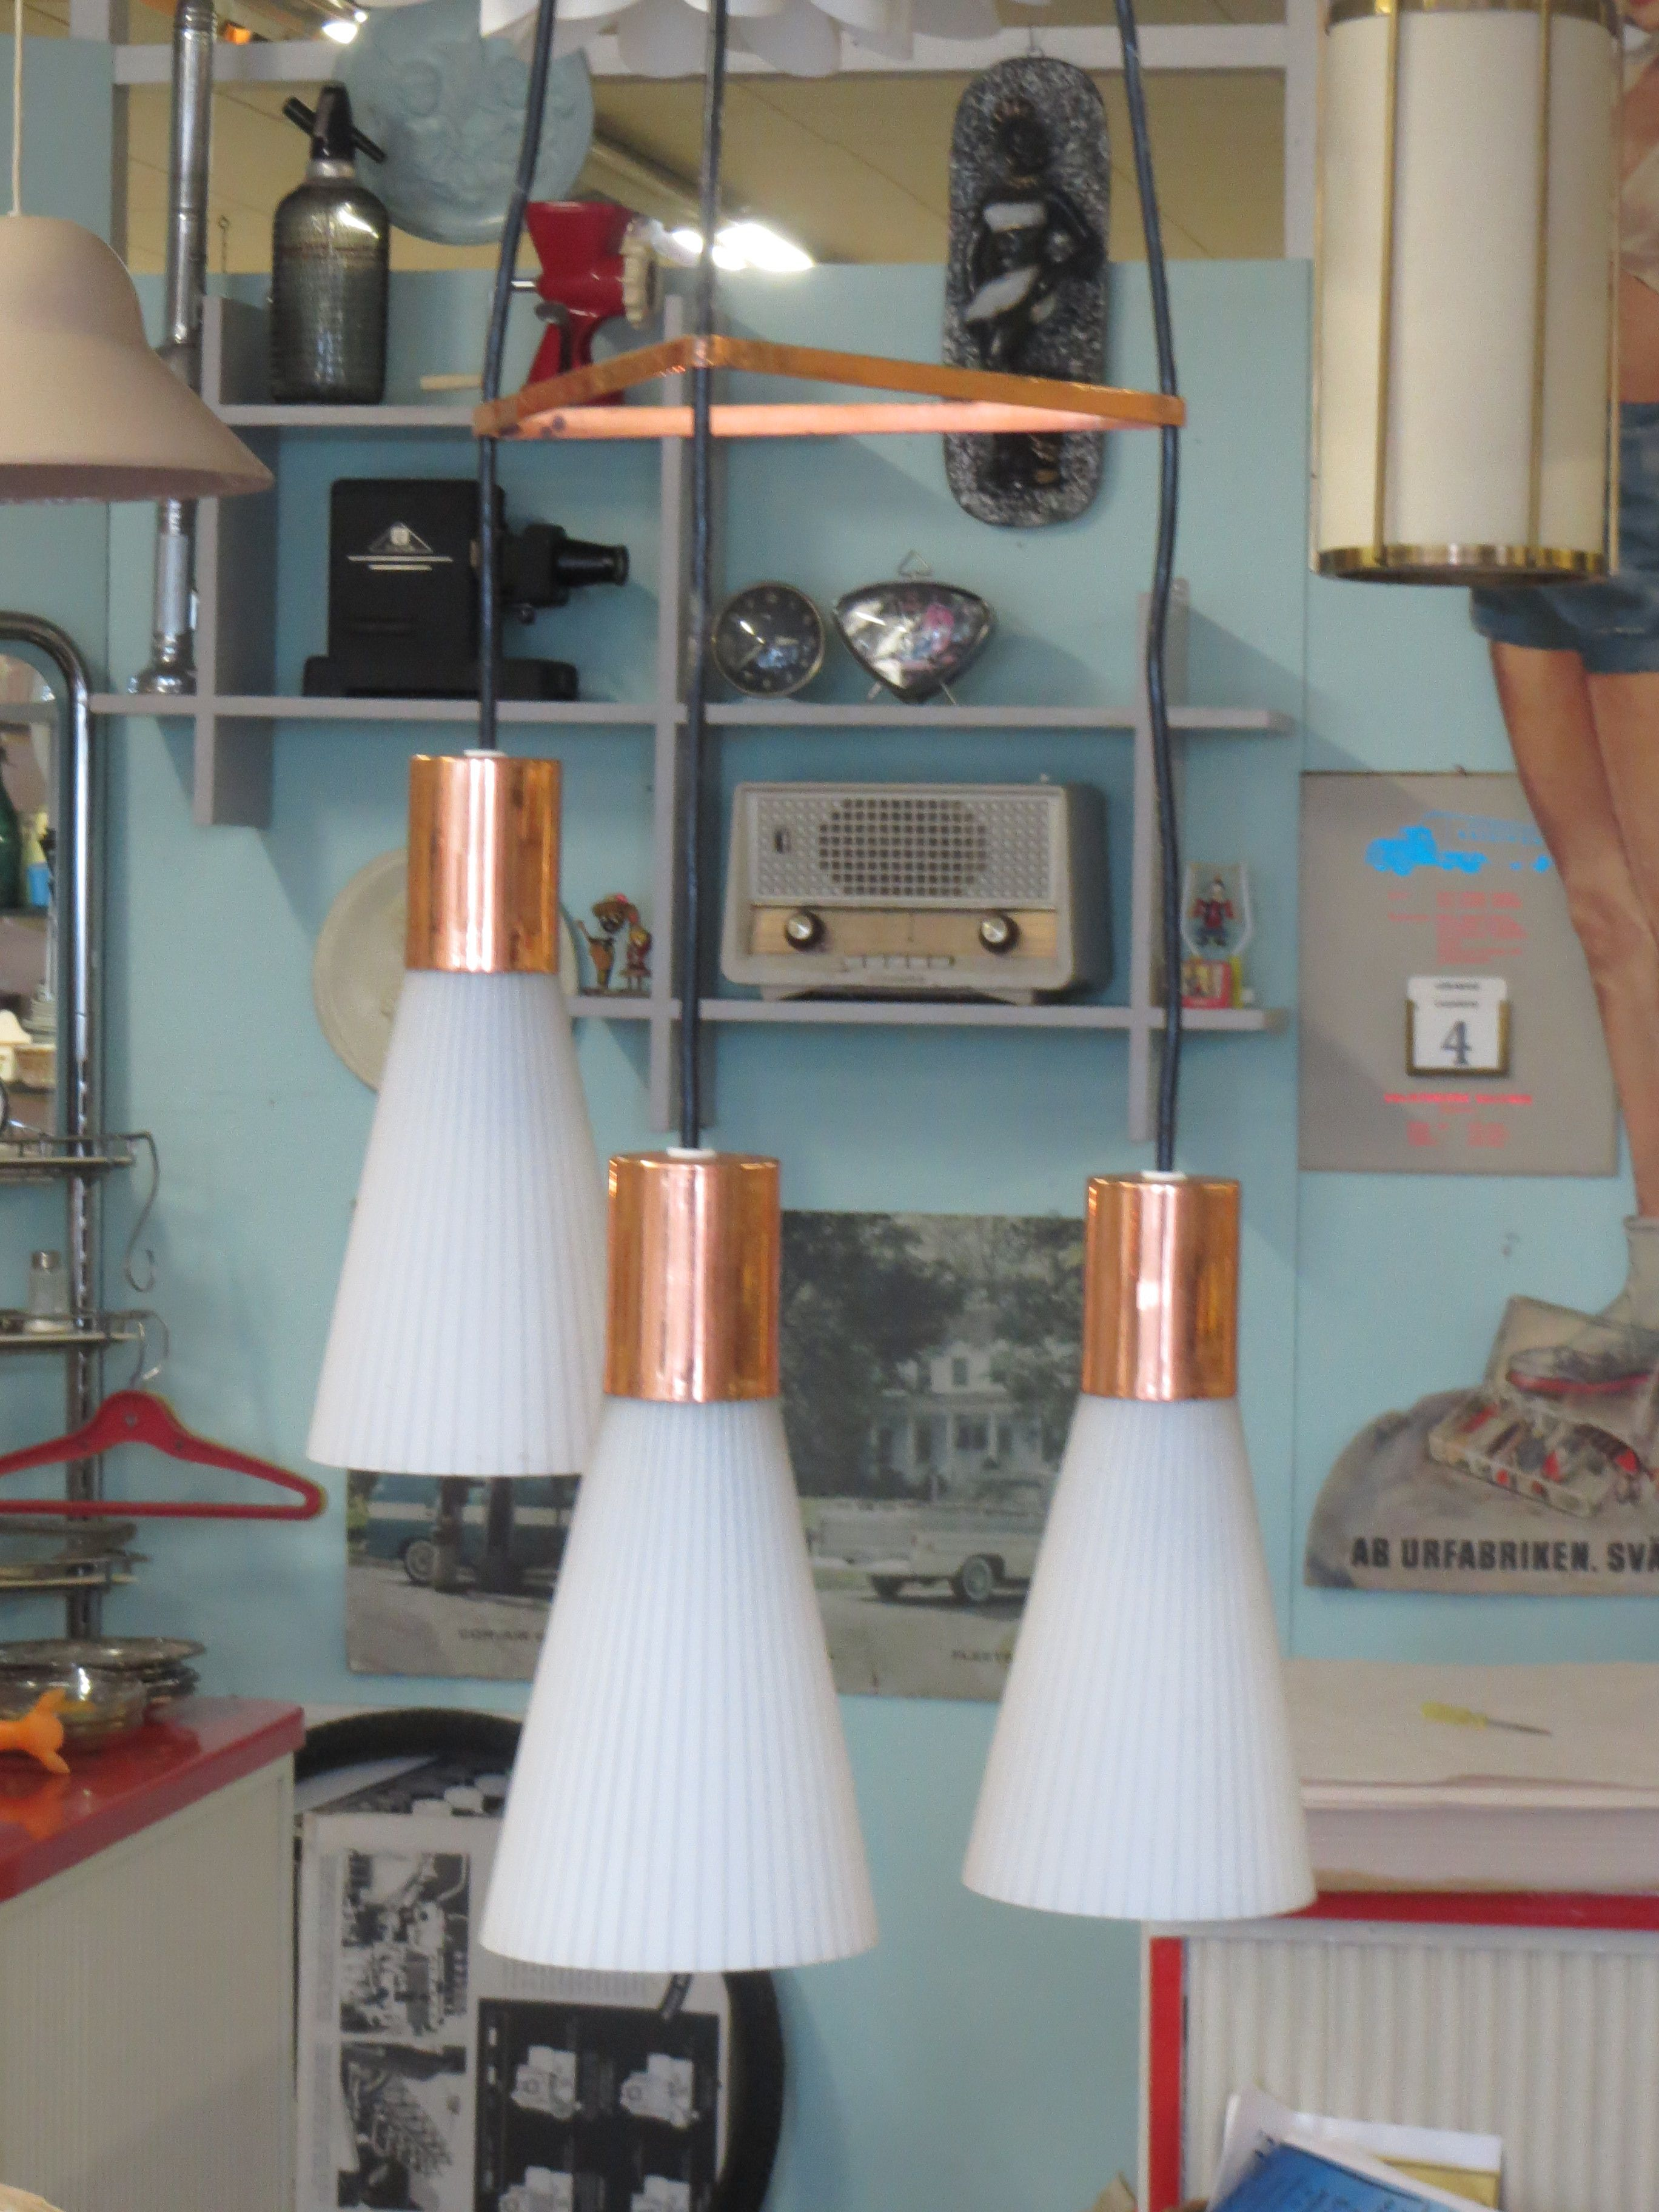 Upea 60-luvun kolmihaarainen valaisin, ehjä ja toimiva. 130 euroa. MYYTY.